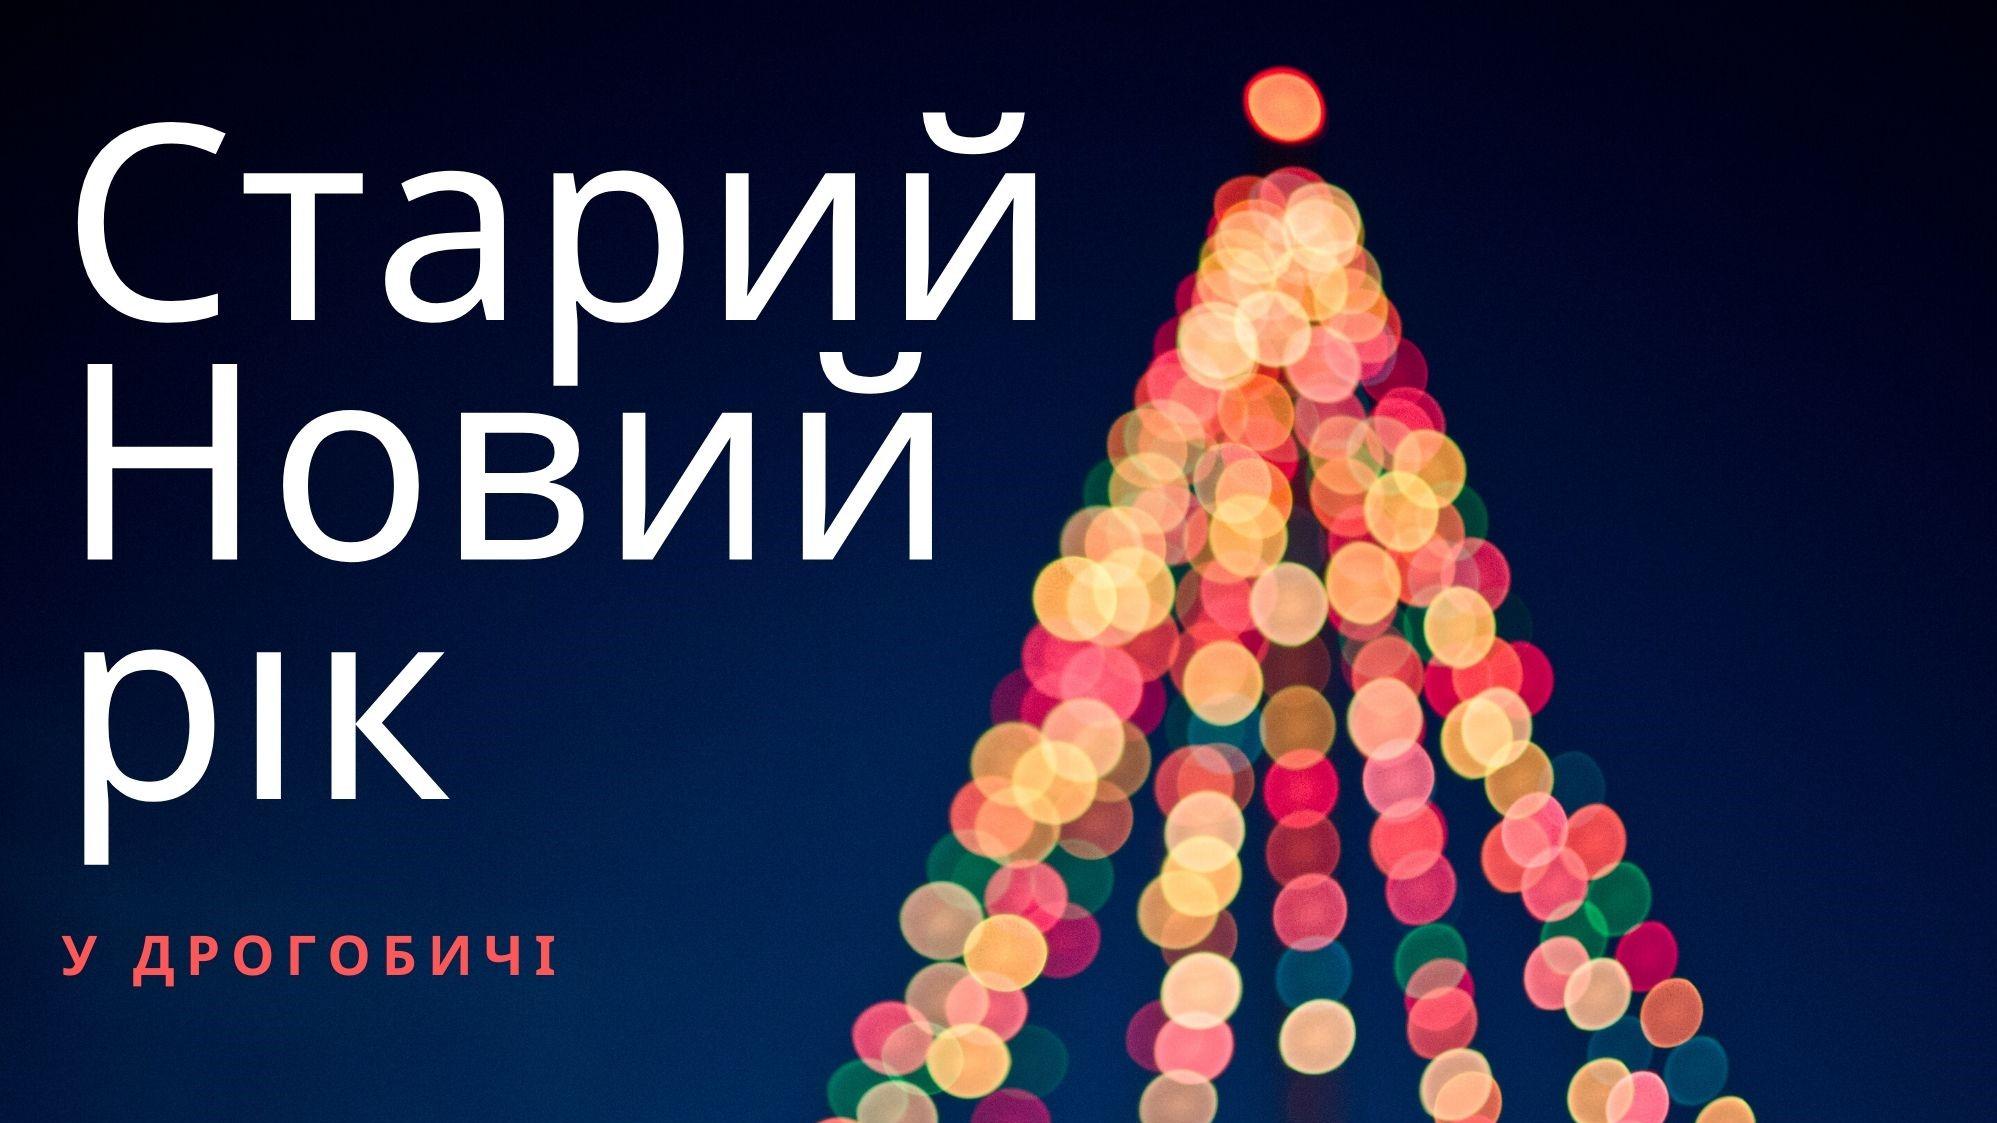 Як відзначатимуть Старий Новий рік у Дрогобичі?